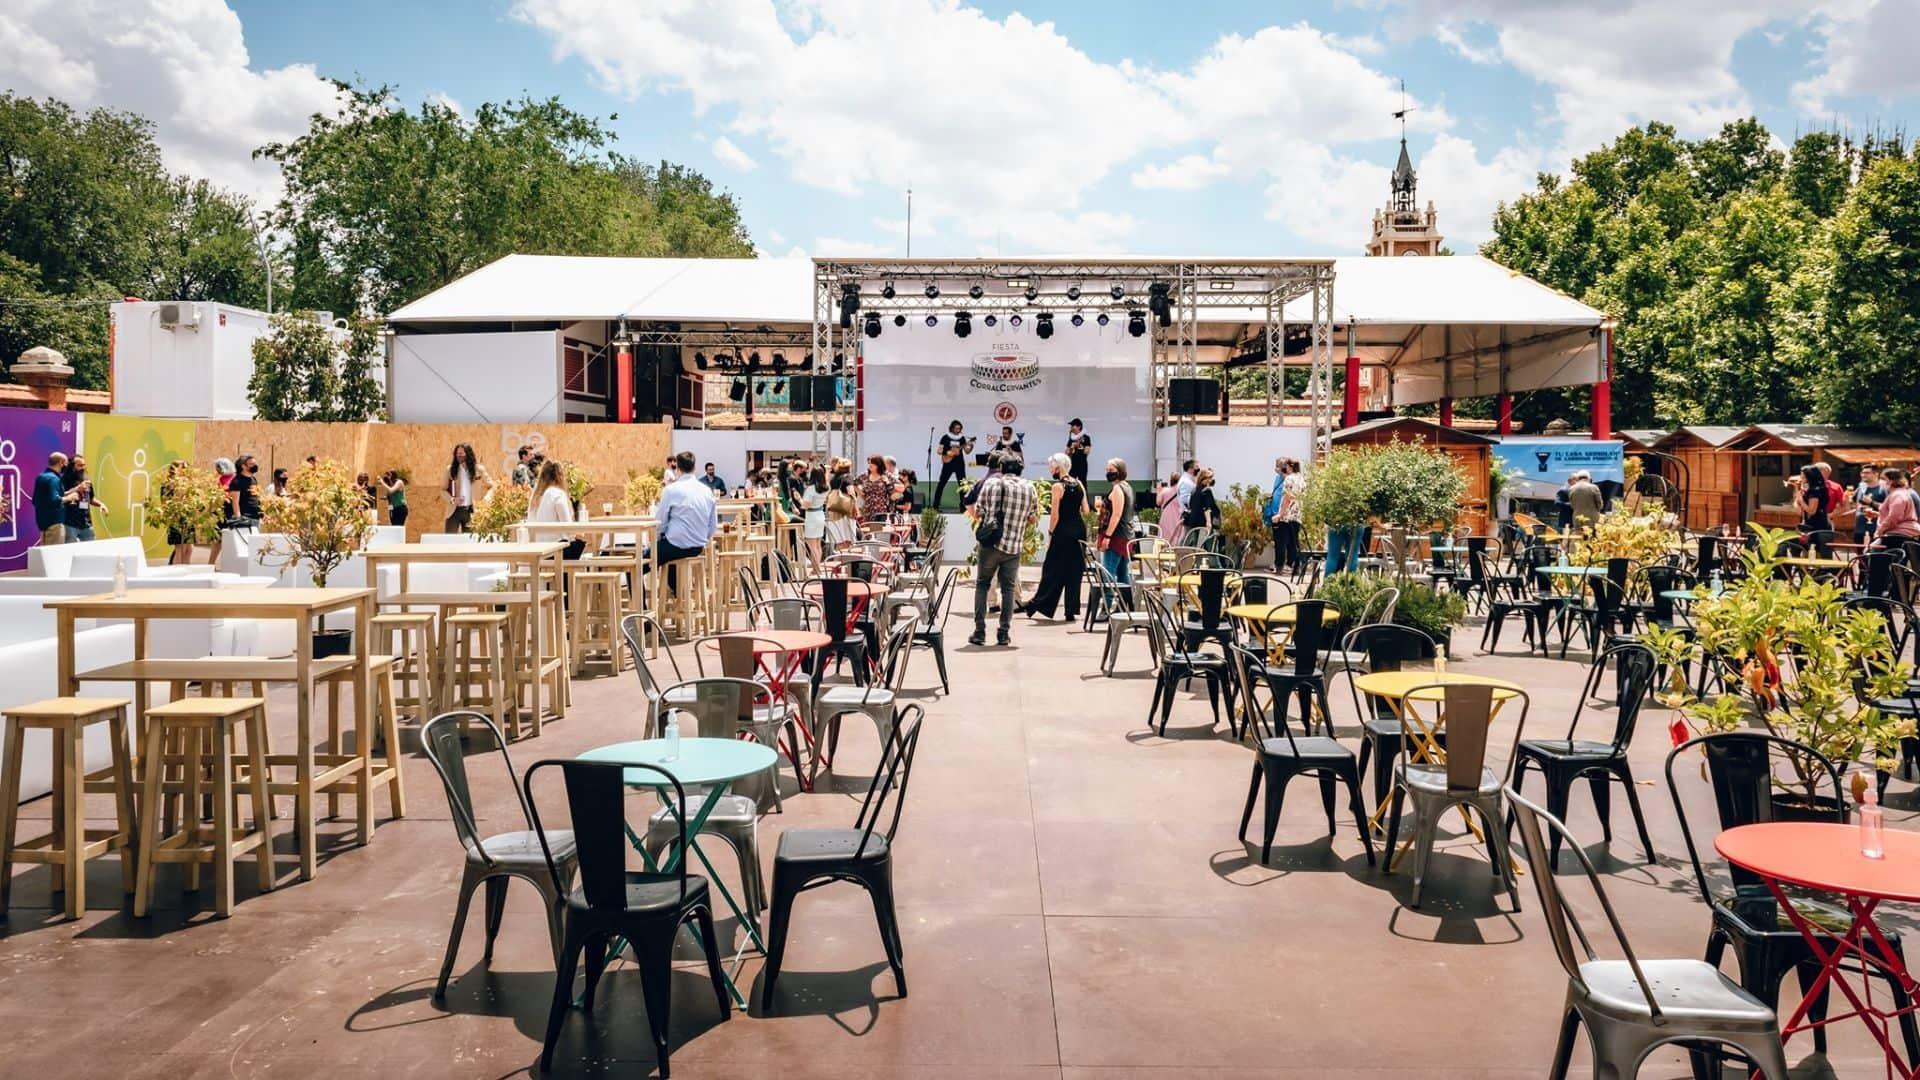 La Guarida de Cervantes, un refugio sonoro y cultural en el caluroso verano madrileño